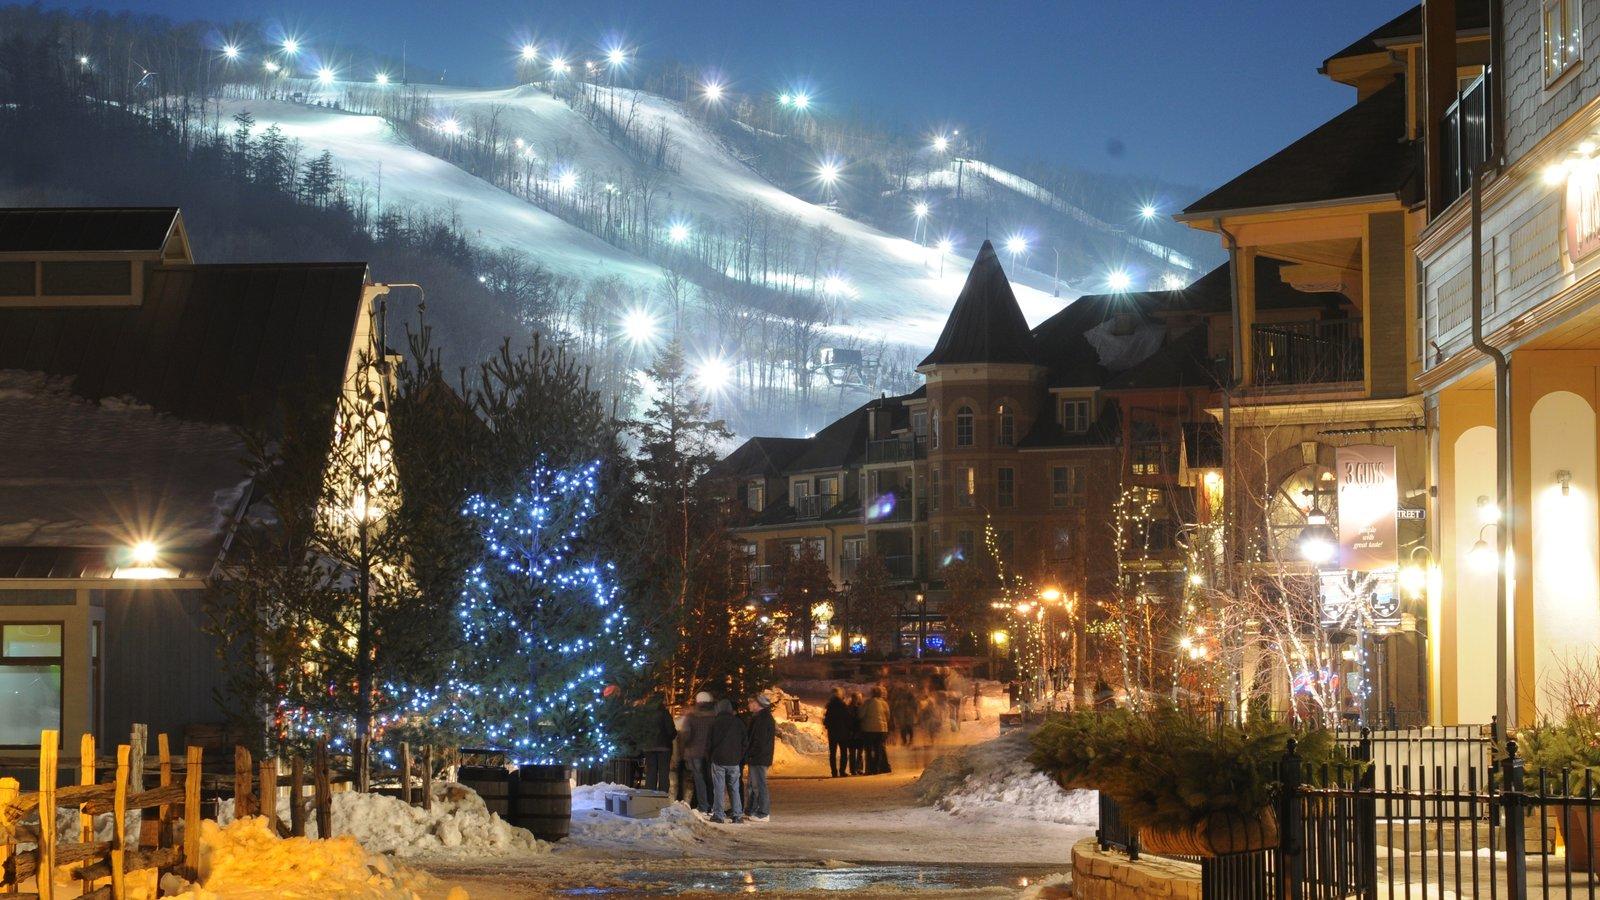 Blue Mountain Ski Resort mostrando cenas noturnas, cenas de rua e uma cidade pequena ou vila